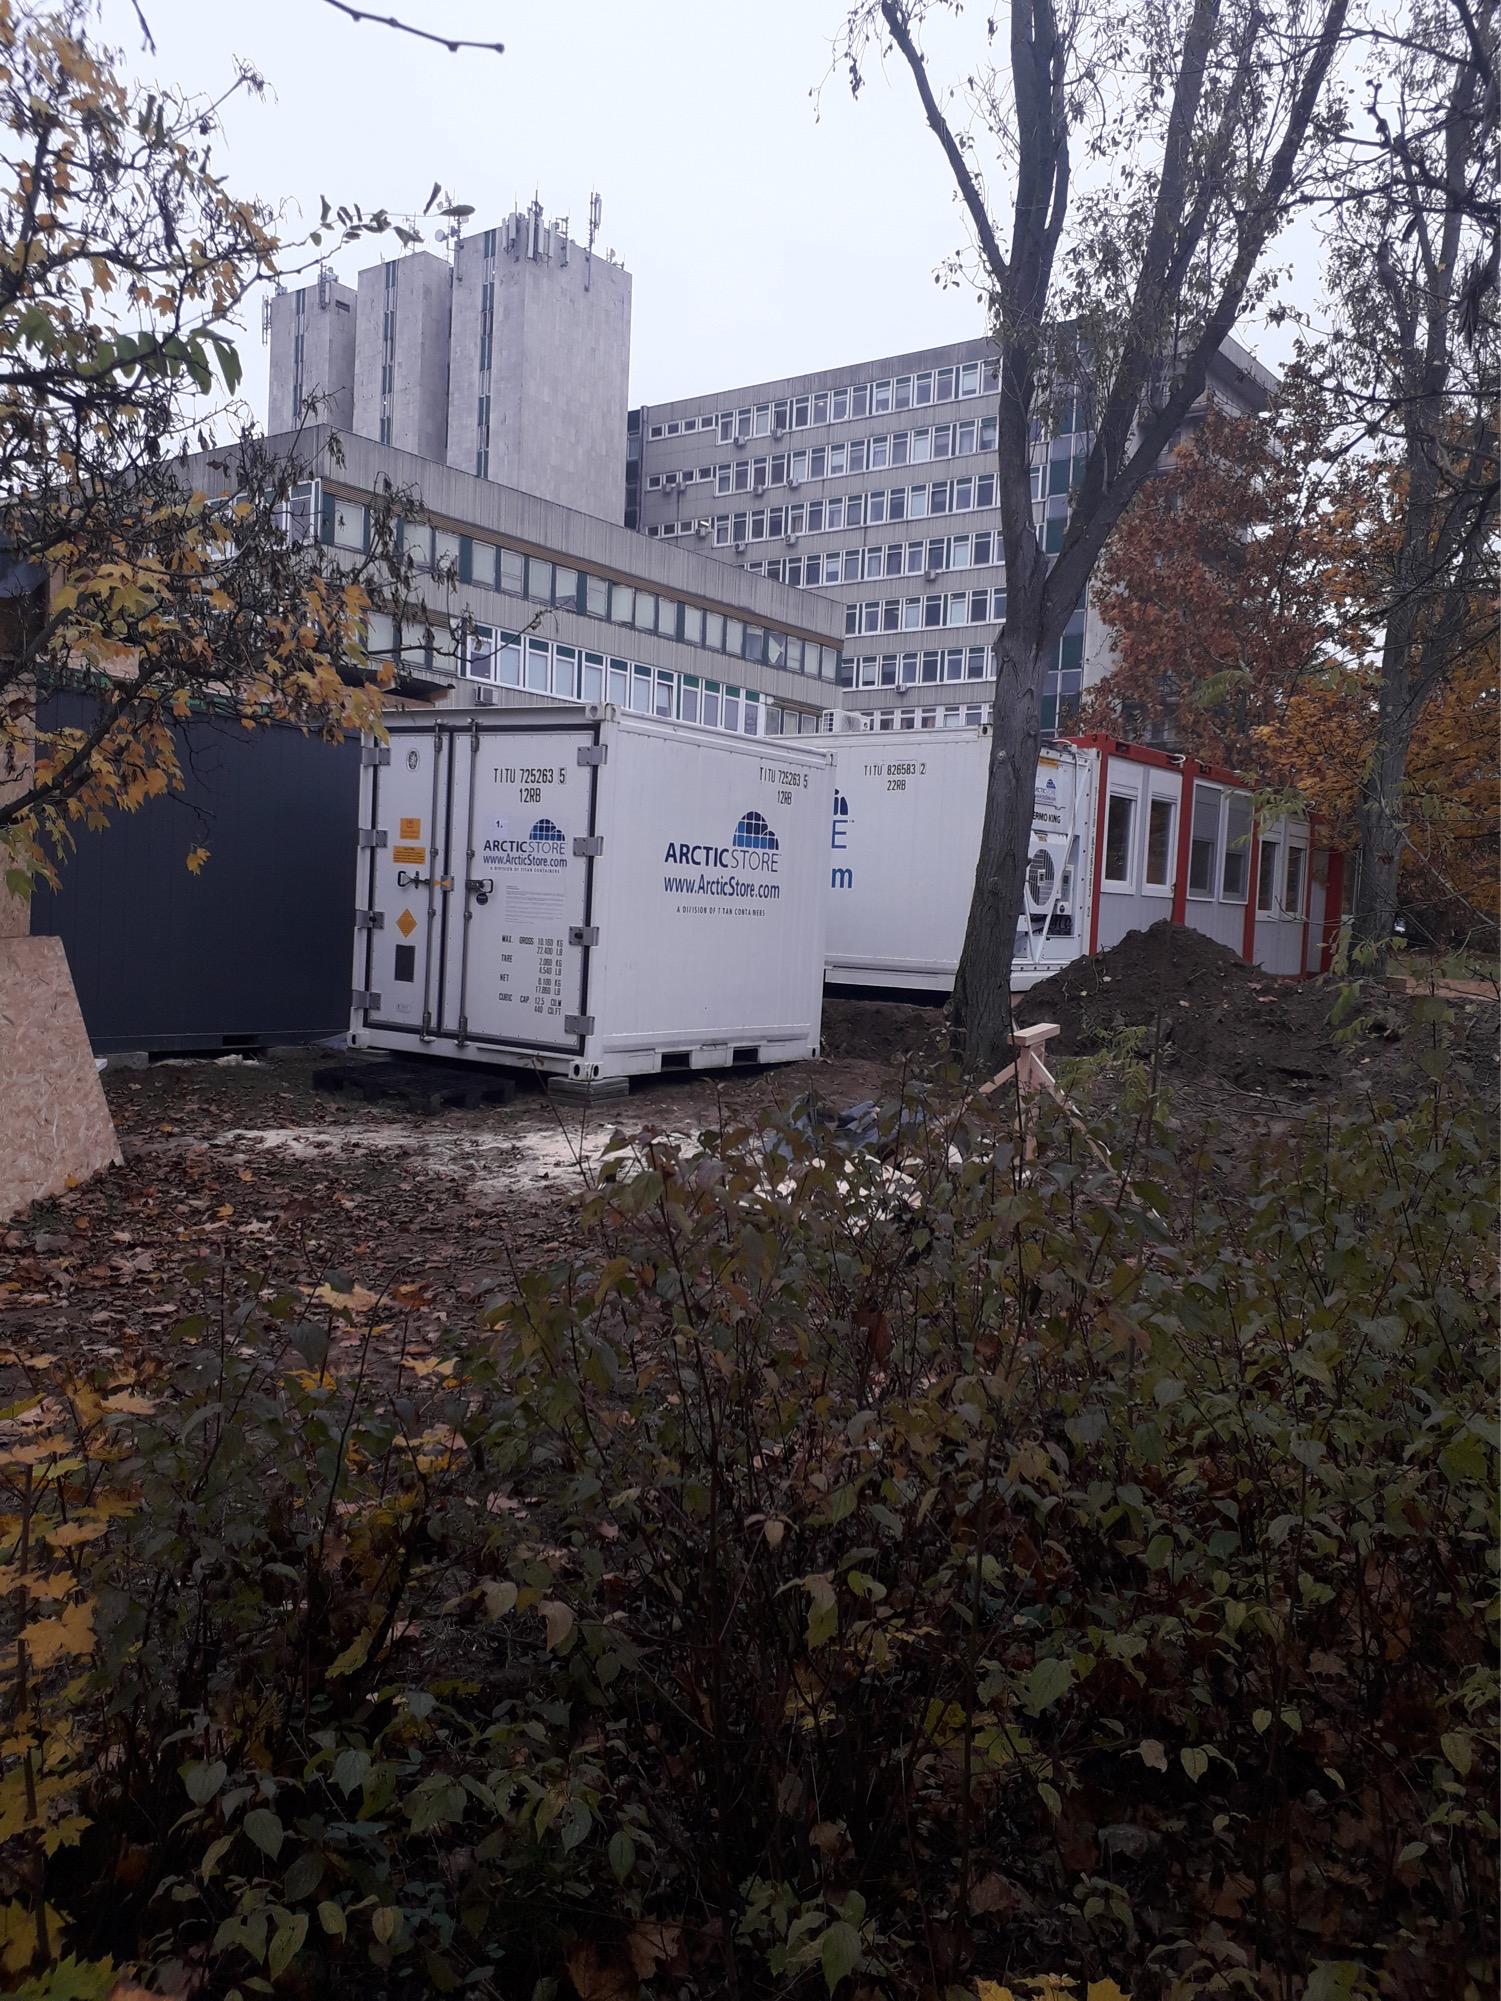 Nem mobil hullaházakat telepítenek a Jahn Ferenc kórház kertjébe, hanem az ország legnagyobb, 0-24 órás koronavírus-tesztelő központja épül ott